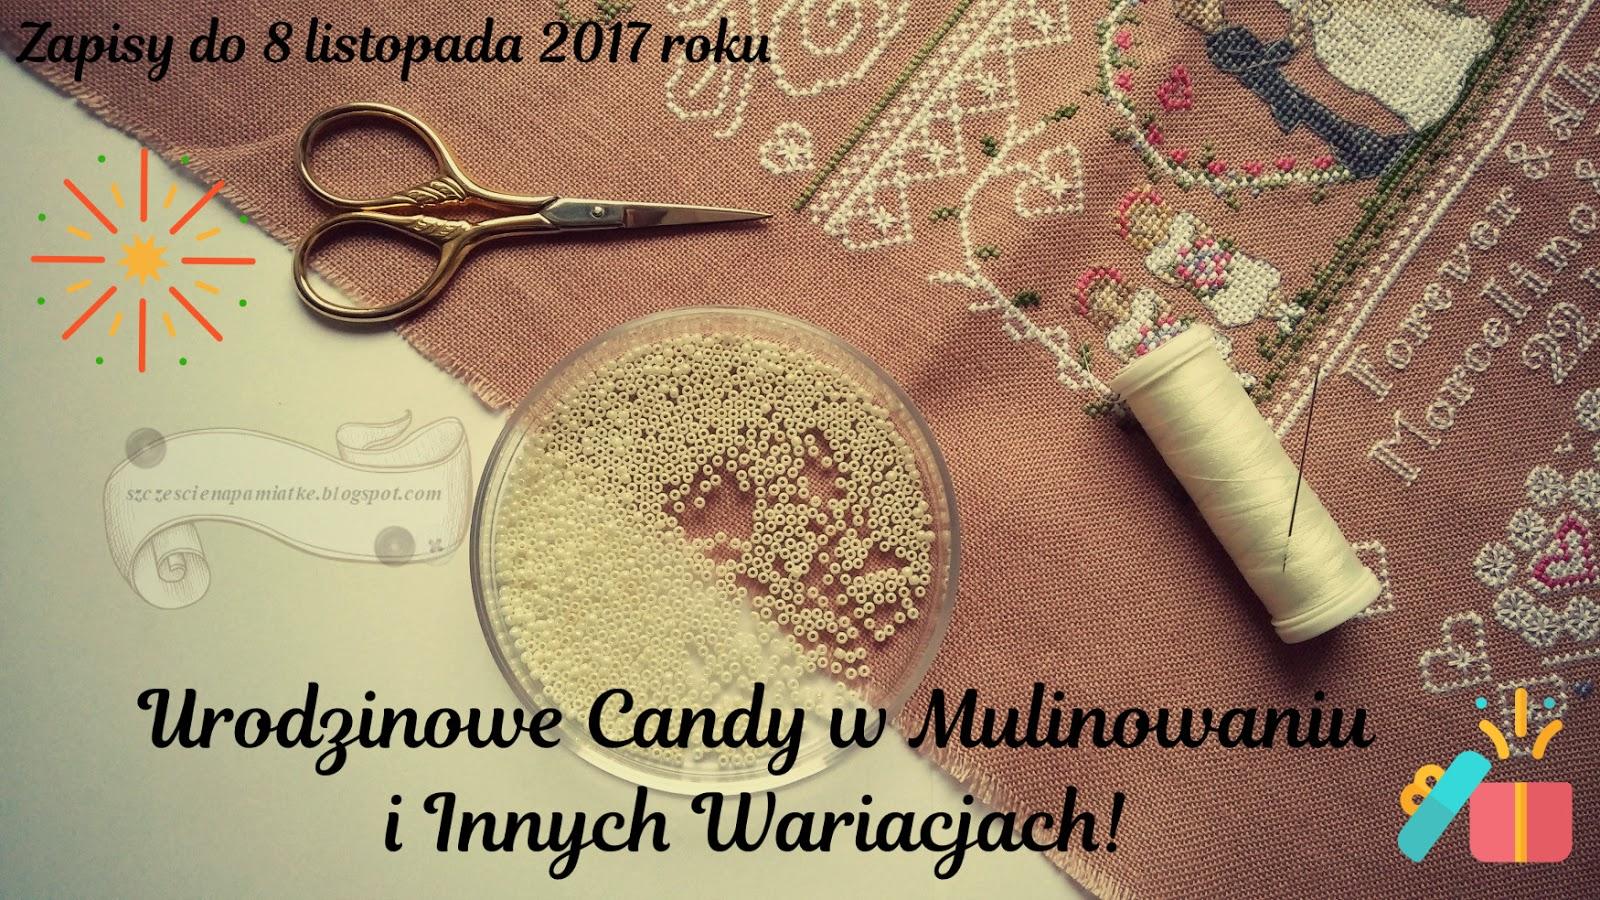 Candy w Mulinowaniu i innych wariactwach